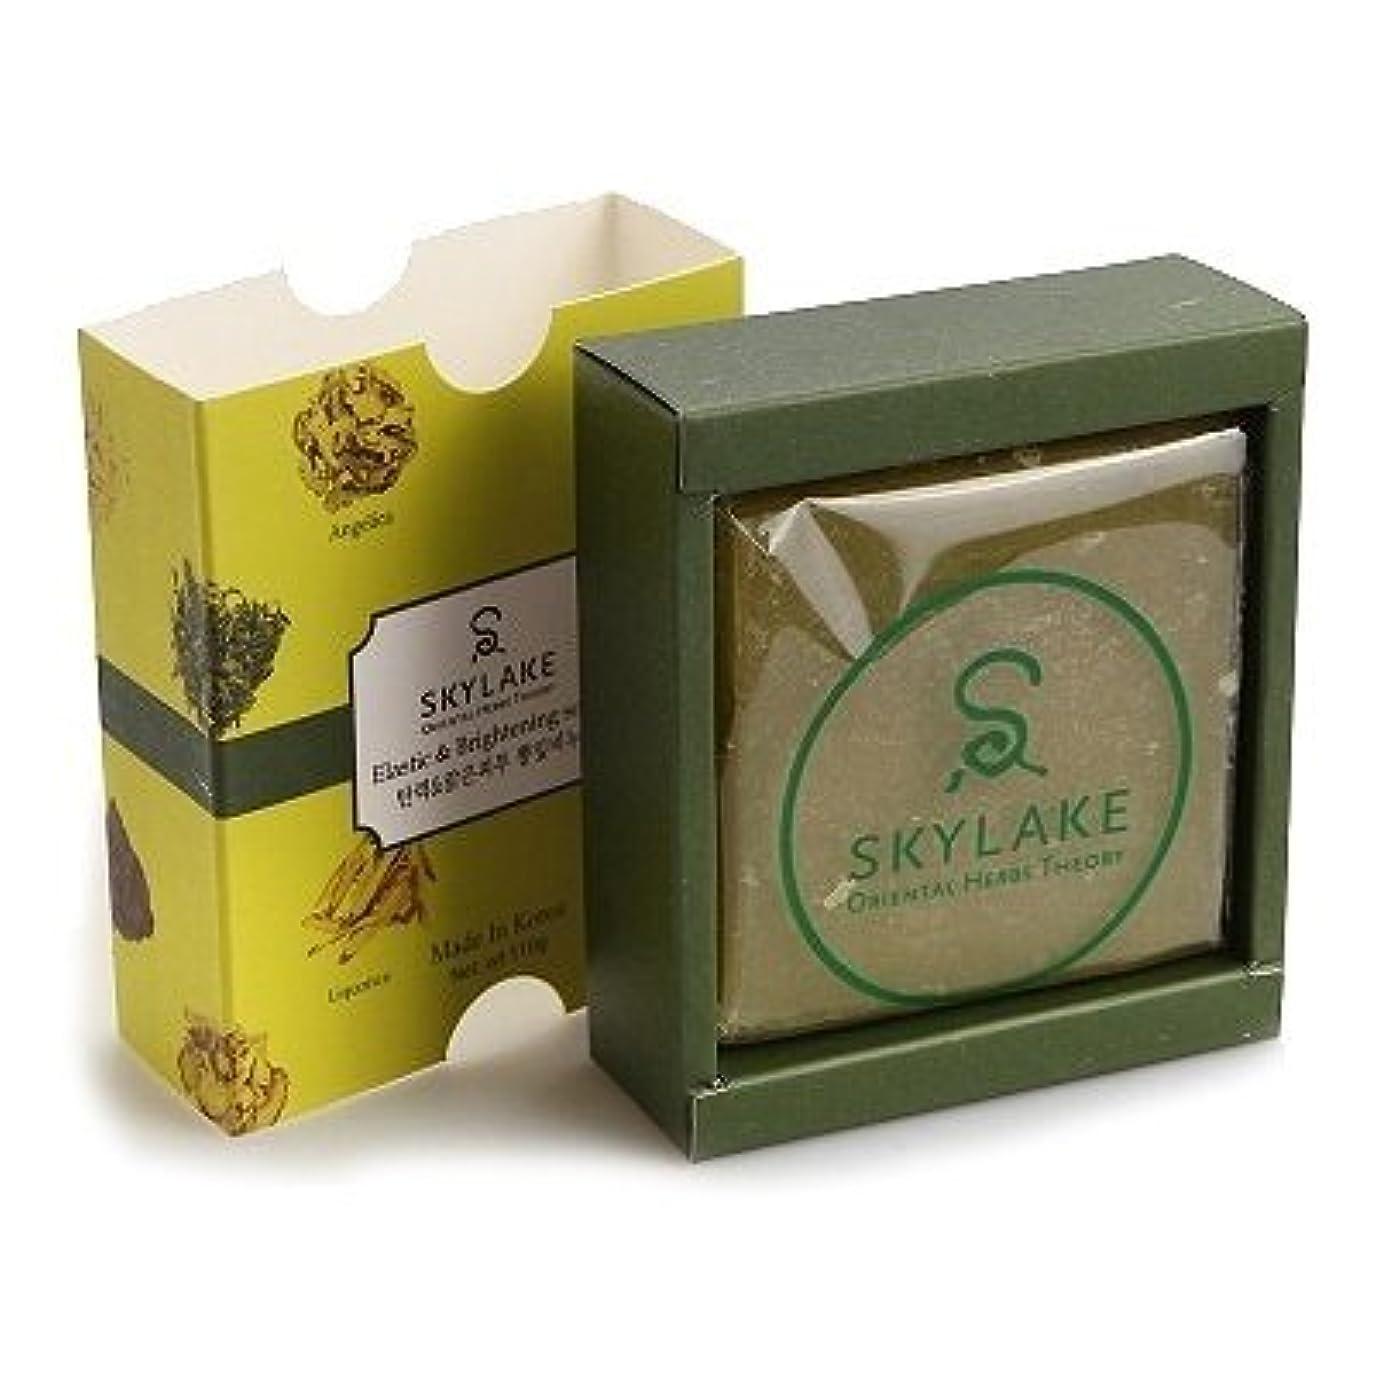 水上へ明日[1+1]ハヌルホス[Skylake] 漢方アロマ石鹸Oriental Herbs Theory Soap (ハリ改善&ブライトニング用)